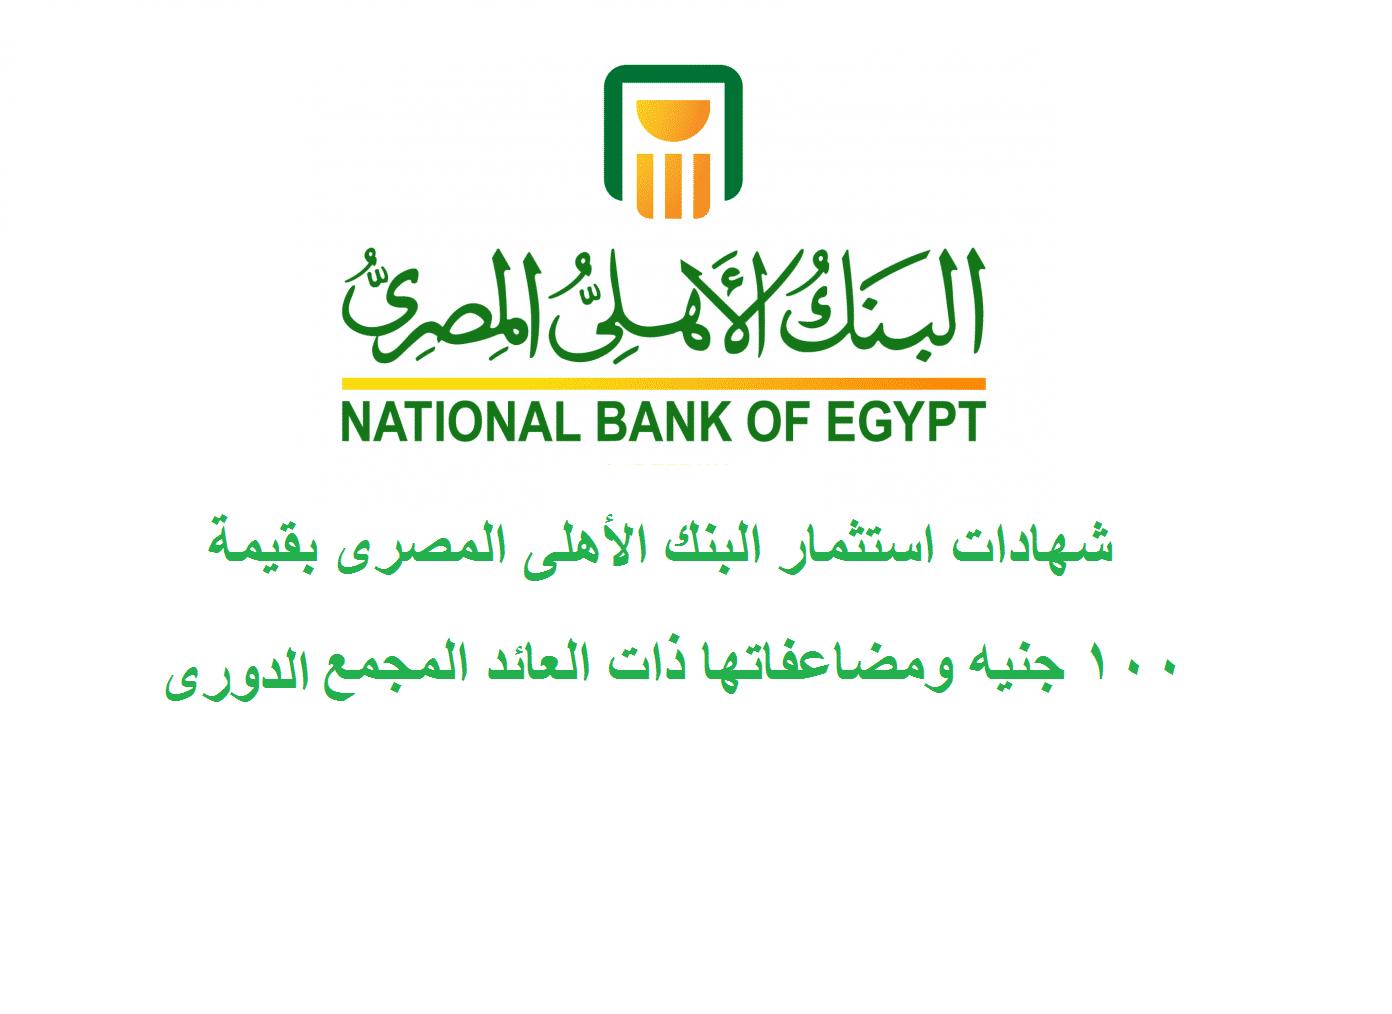 شهادات استثمار البنك الأهلي أ ب بقيمة 100 جنيه ومضاعفاتها بعائد مجمع ودورى Egypt National